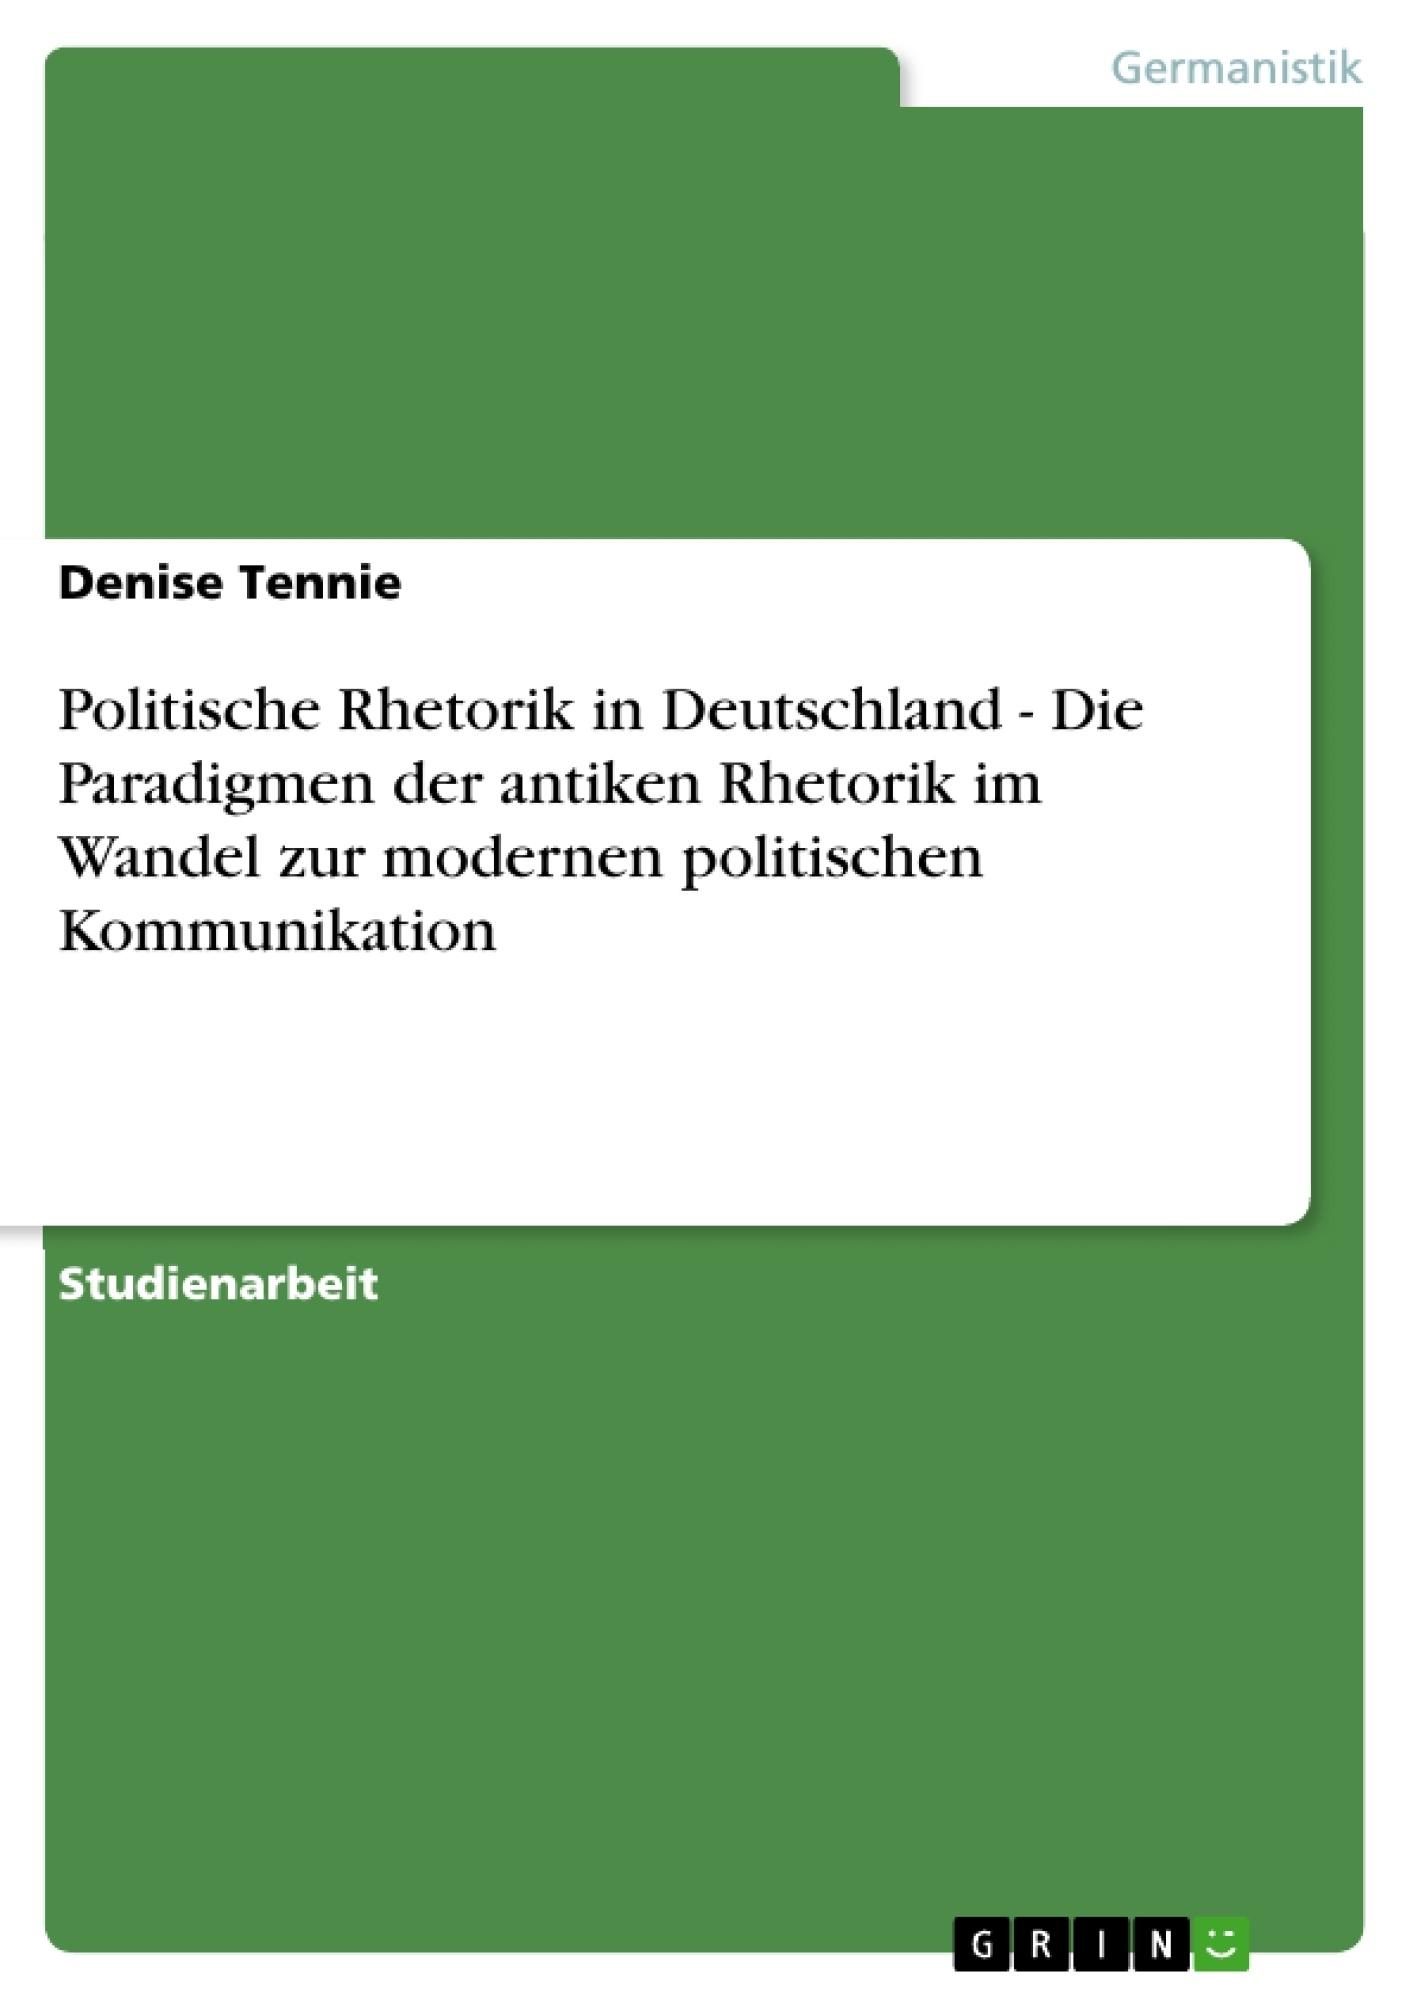 Titel: Politische Rhetorik in Deutschland - Die Paradigmen der antiken Rhetorik im Wandel zur modernen politischen Kommunikation